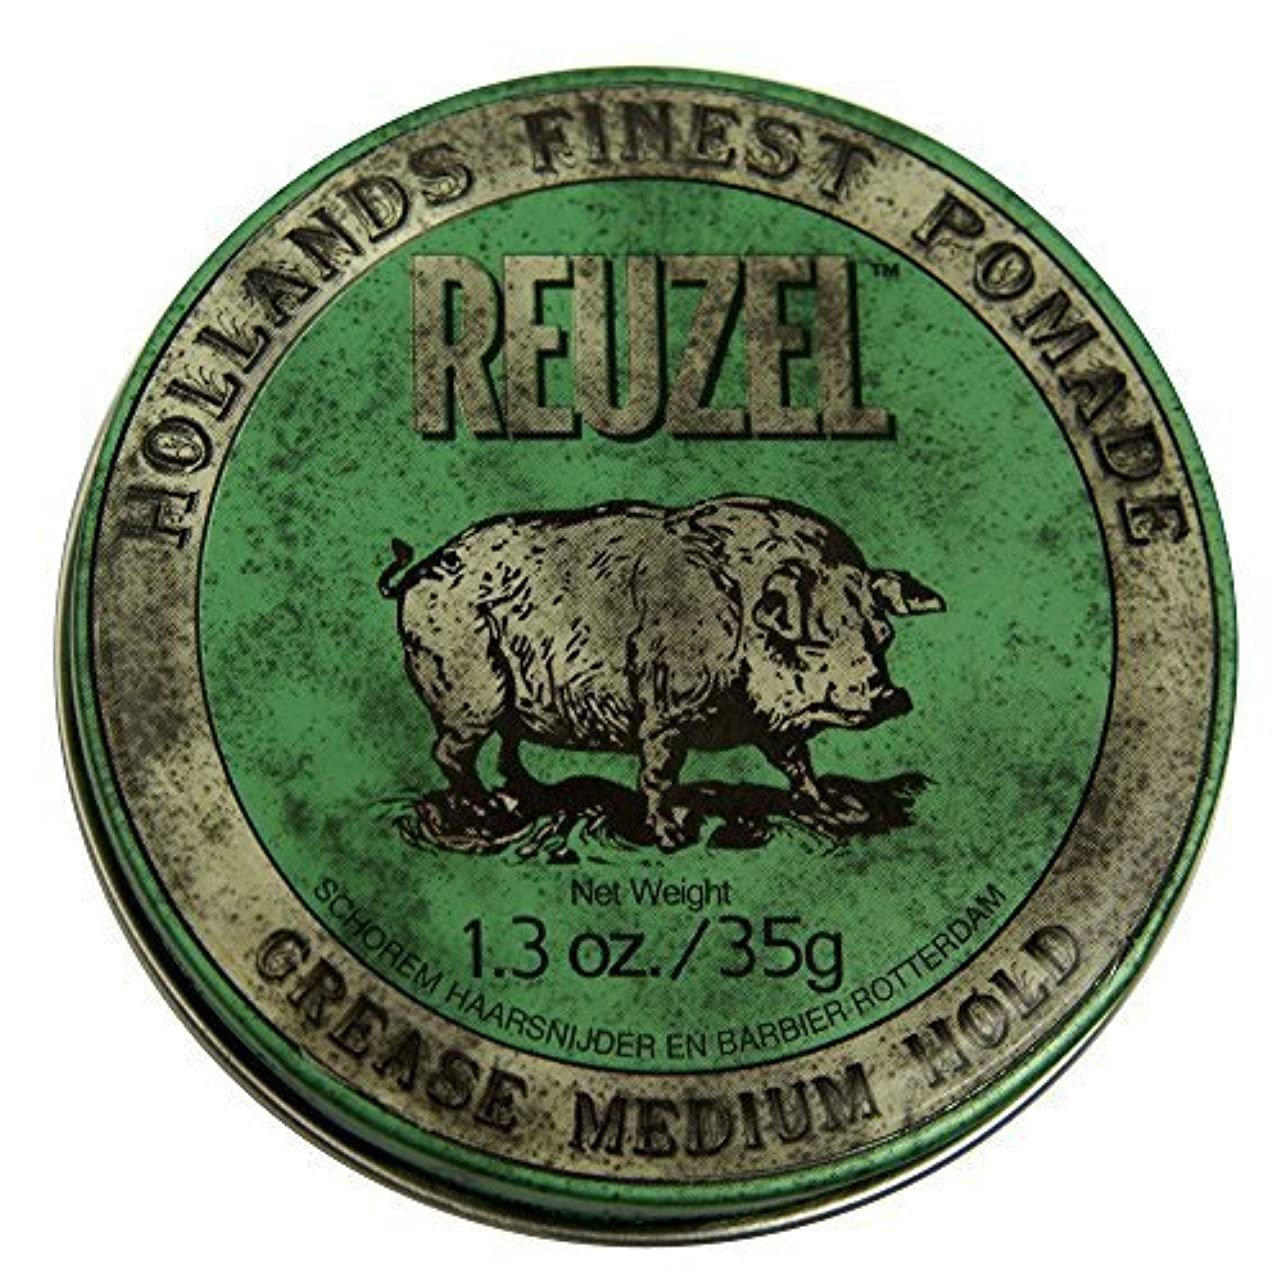 製油所アラーム保安by Reuzel Reuzel Green Grease Medium Hold Hair Styling Pomade Piglet 1.3oz (35g) Wax/Gel [並行輸入品]